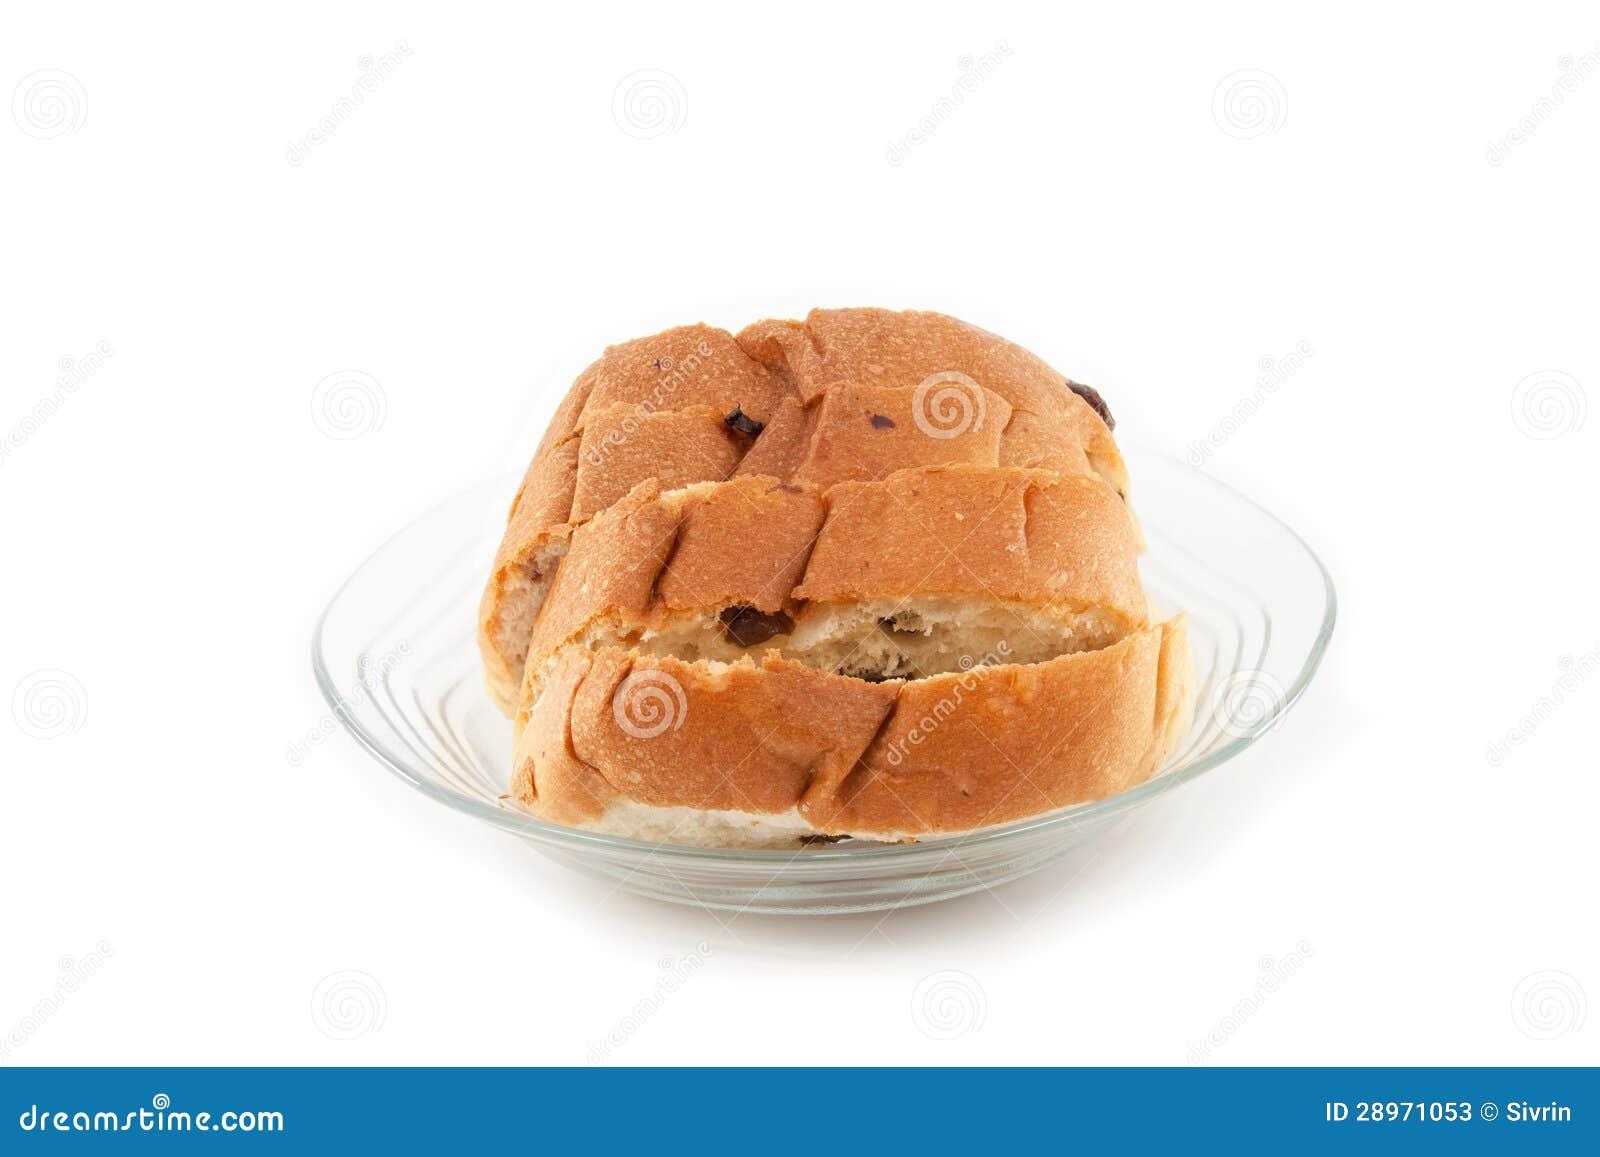 Rodzynka chleb.